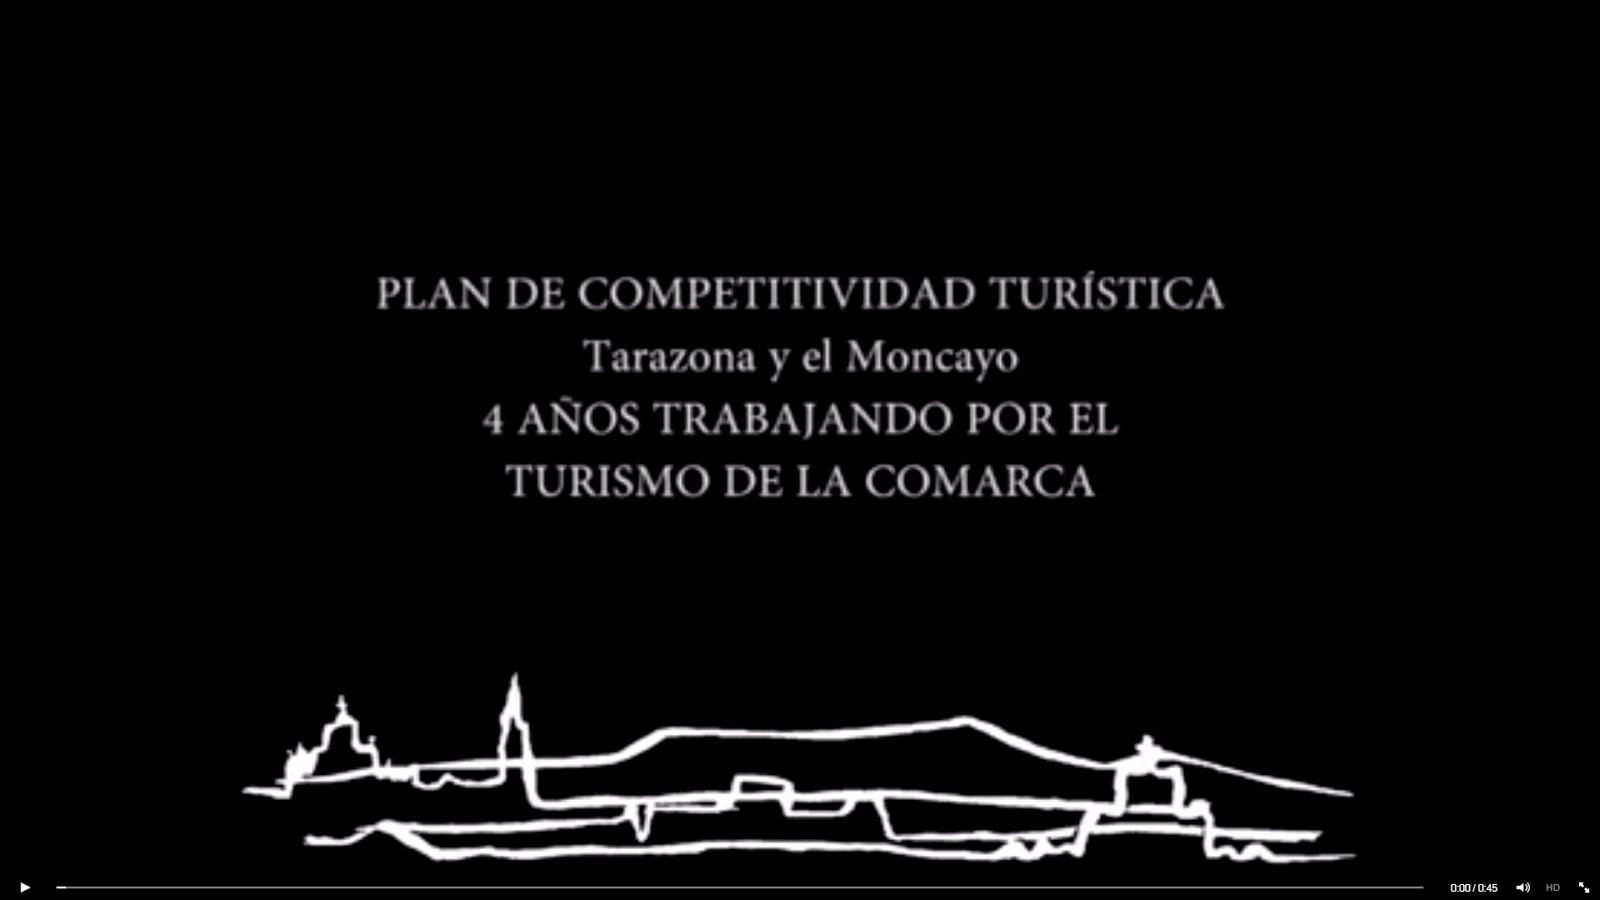 Acciones del Plan de Competitividad Turística de la Comarca de Tarazona y el Moncayo